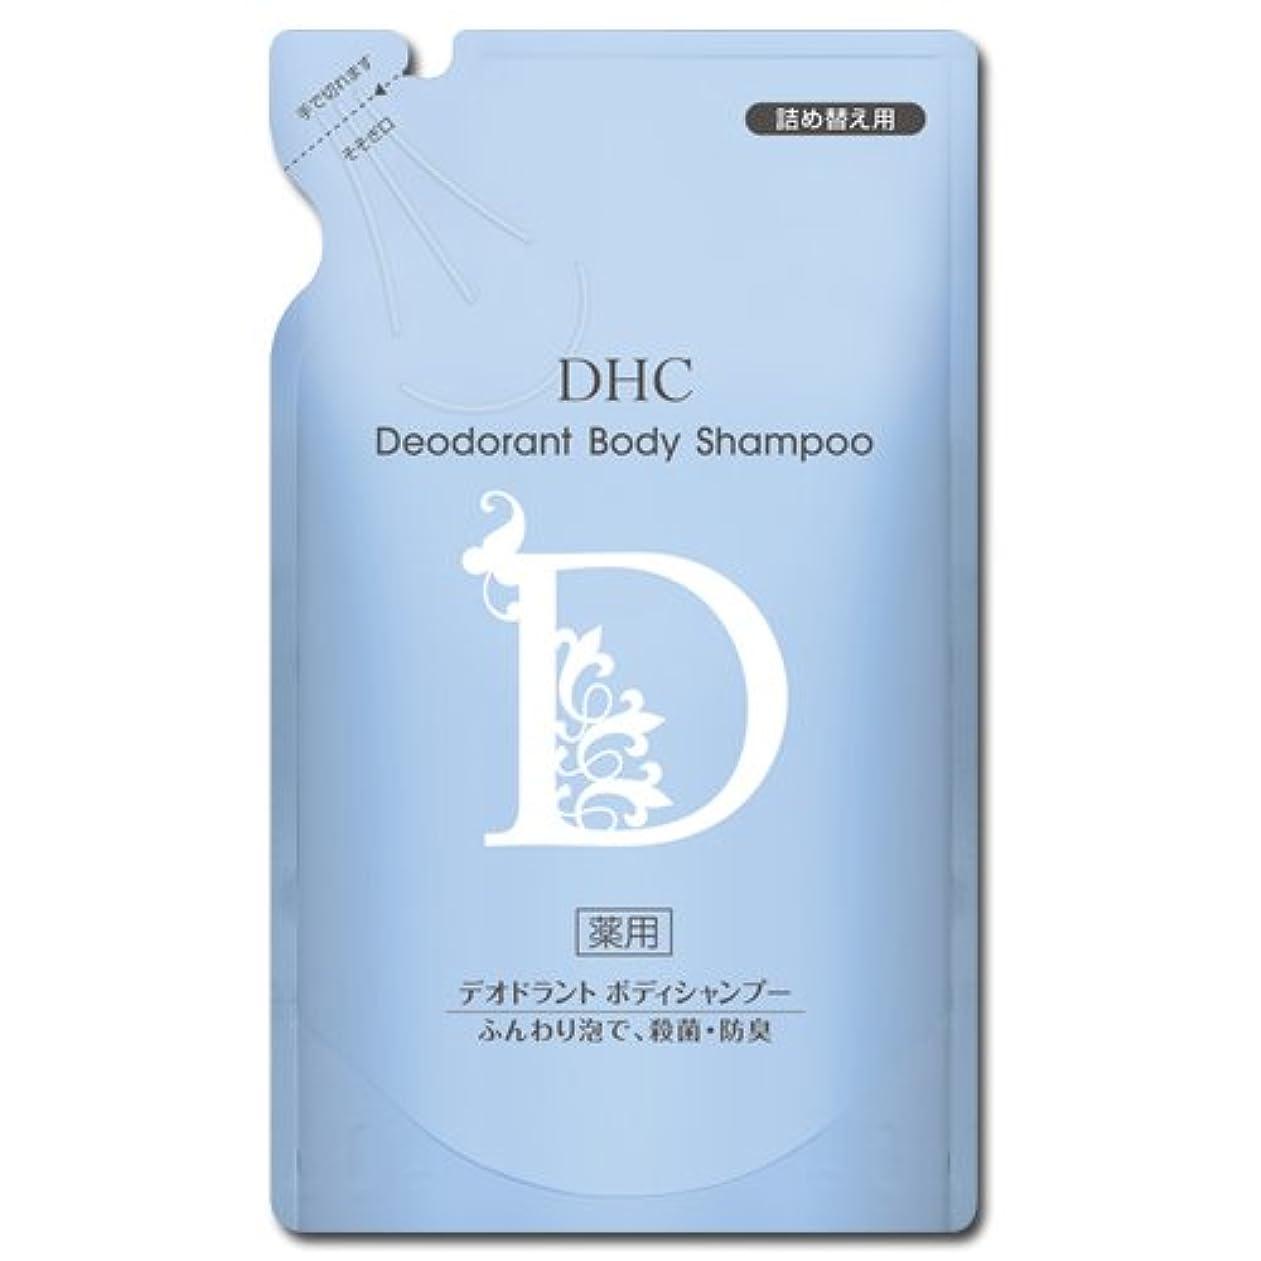 オーチャード噴出する速報【医薬部外品】DHC薬用デオドラント ボディシャンプー 詰め替え用